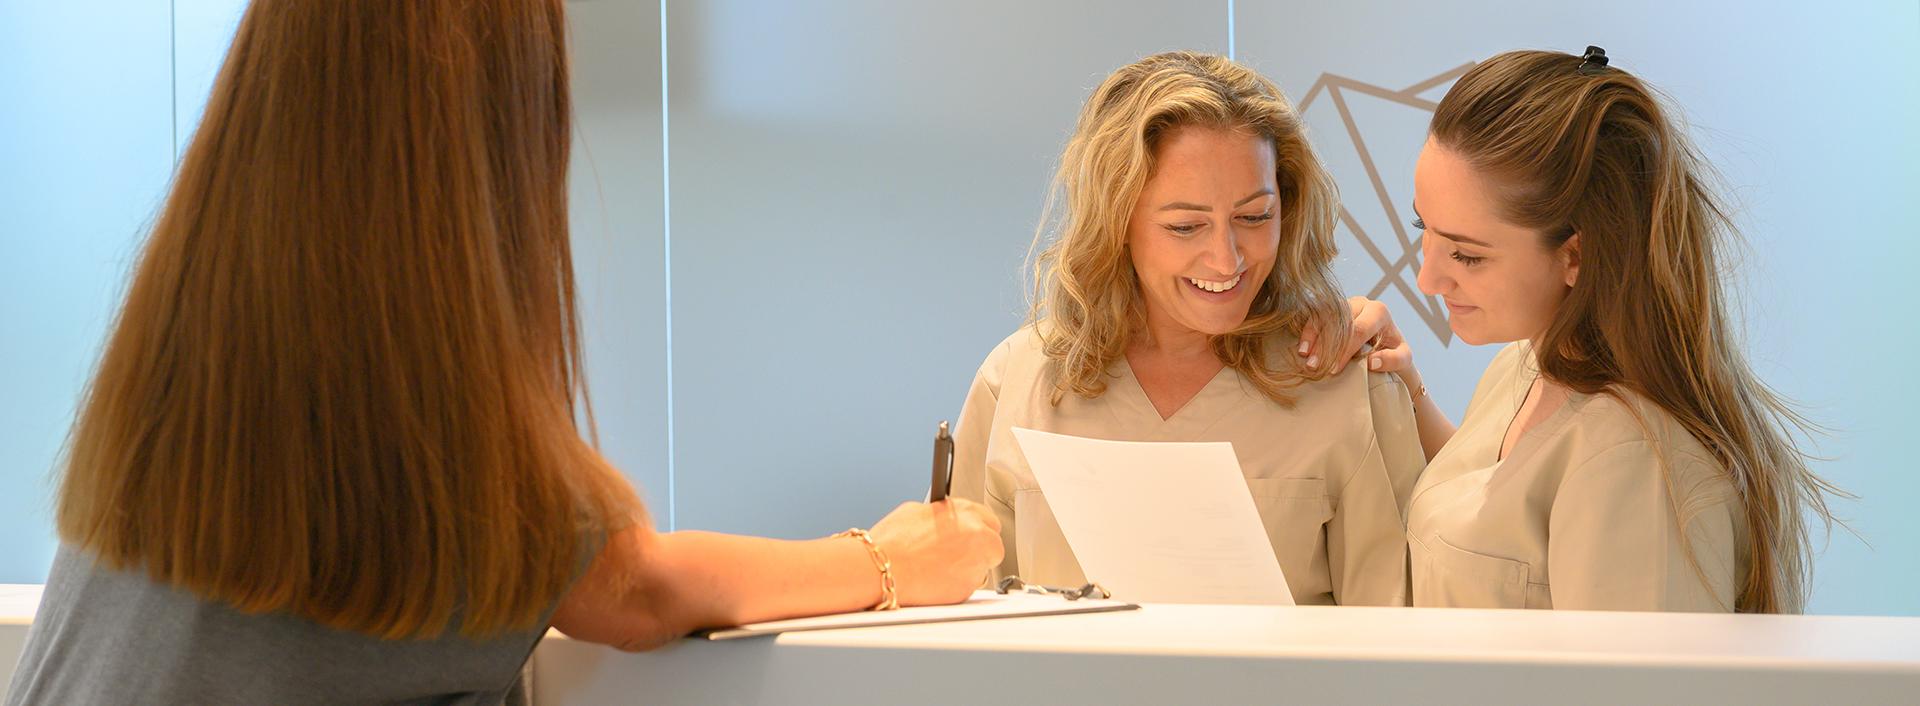 Zwei Arzthelferinnen unterhalten sich mit einer Patientin am Empfang